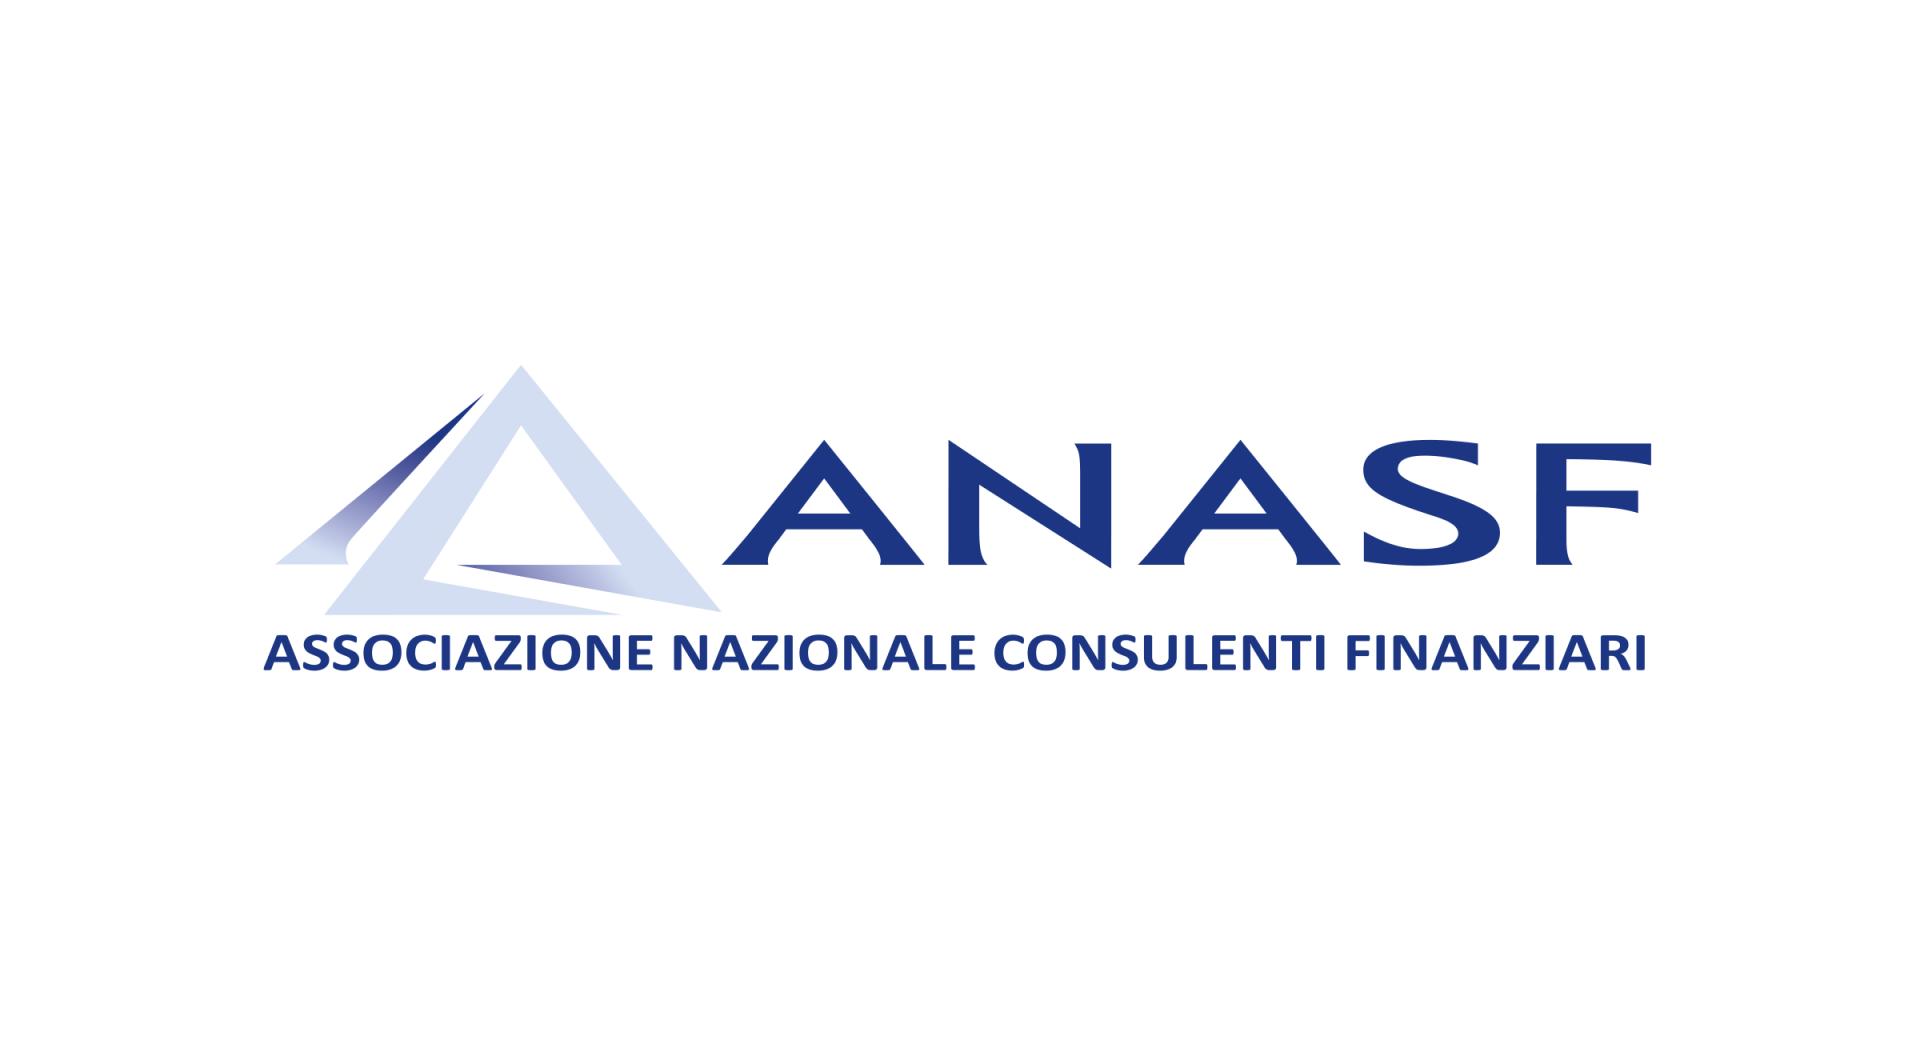 Associazione Nazionale Consulenti Finanziari